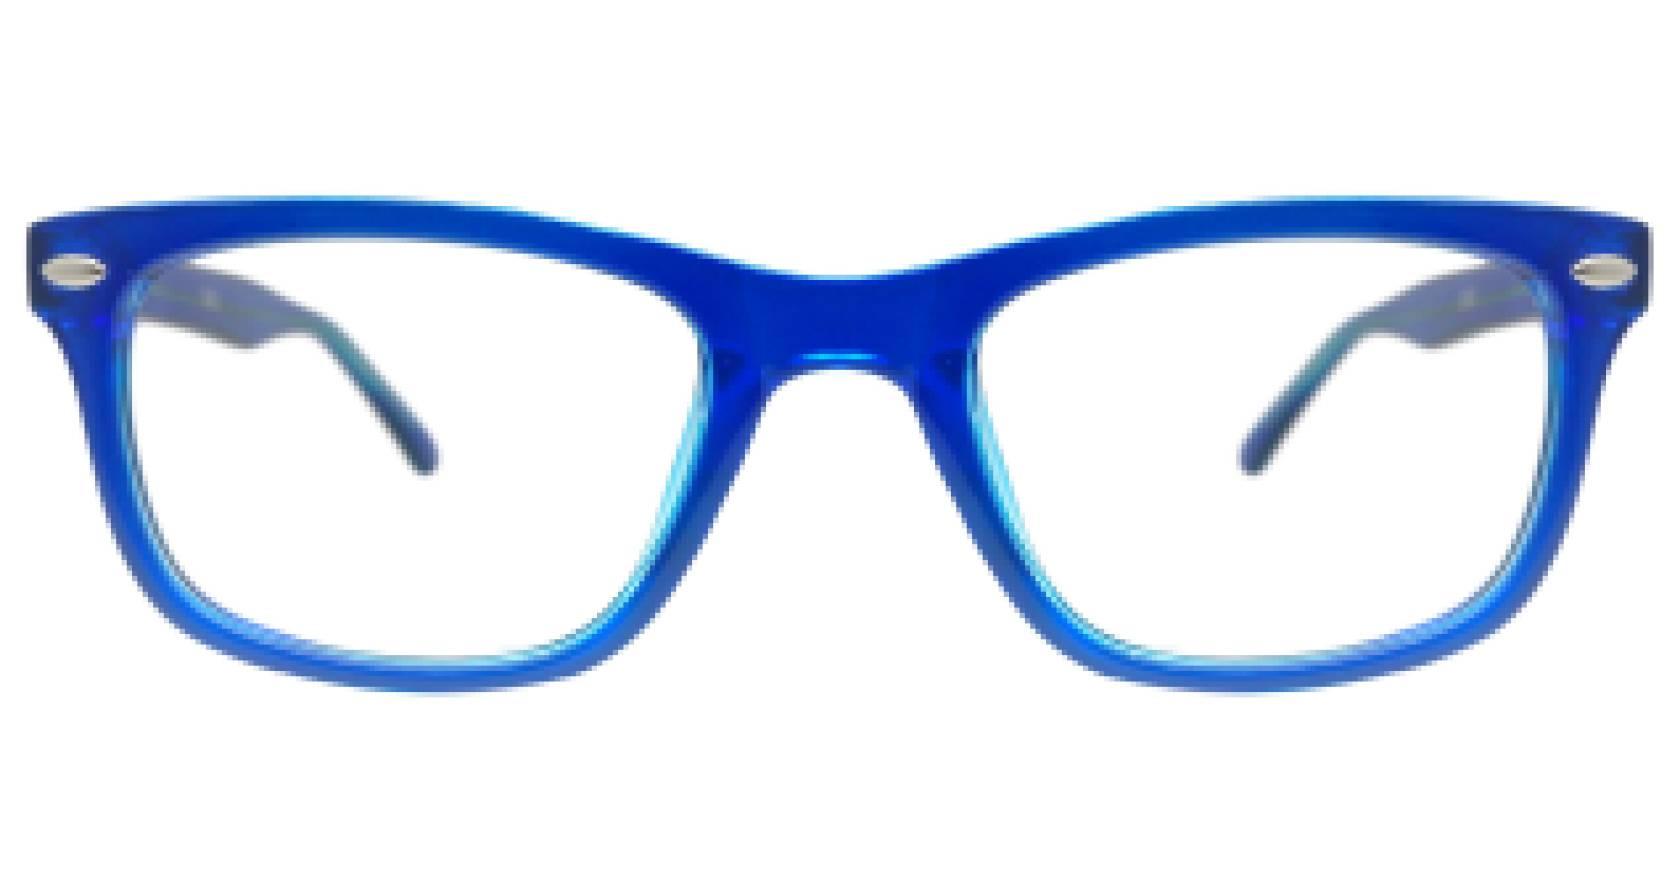 imagen miniatura frontal de la referencia 100709